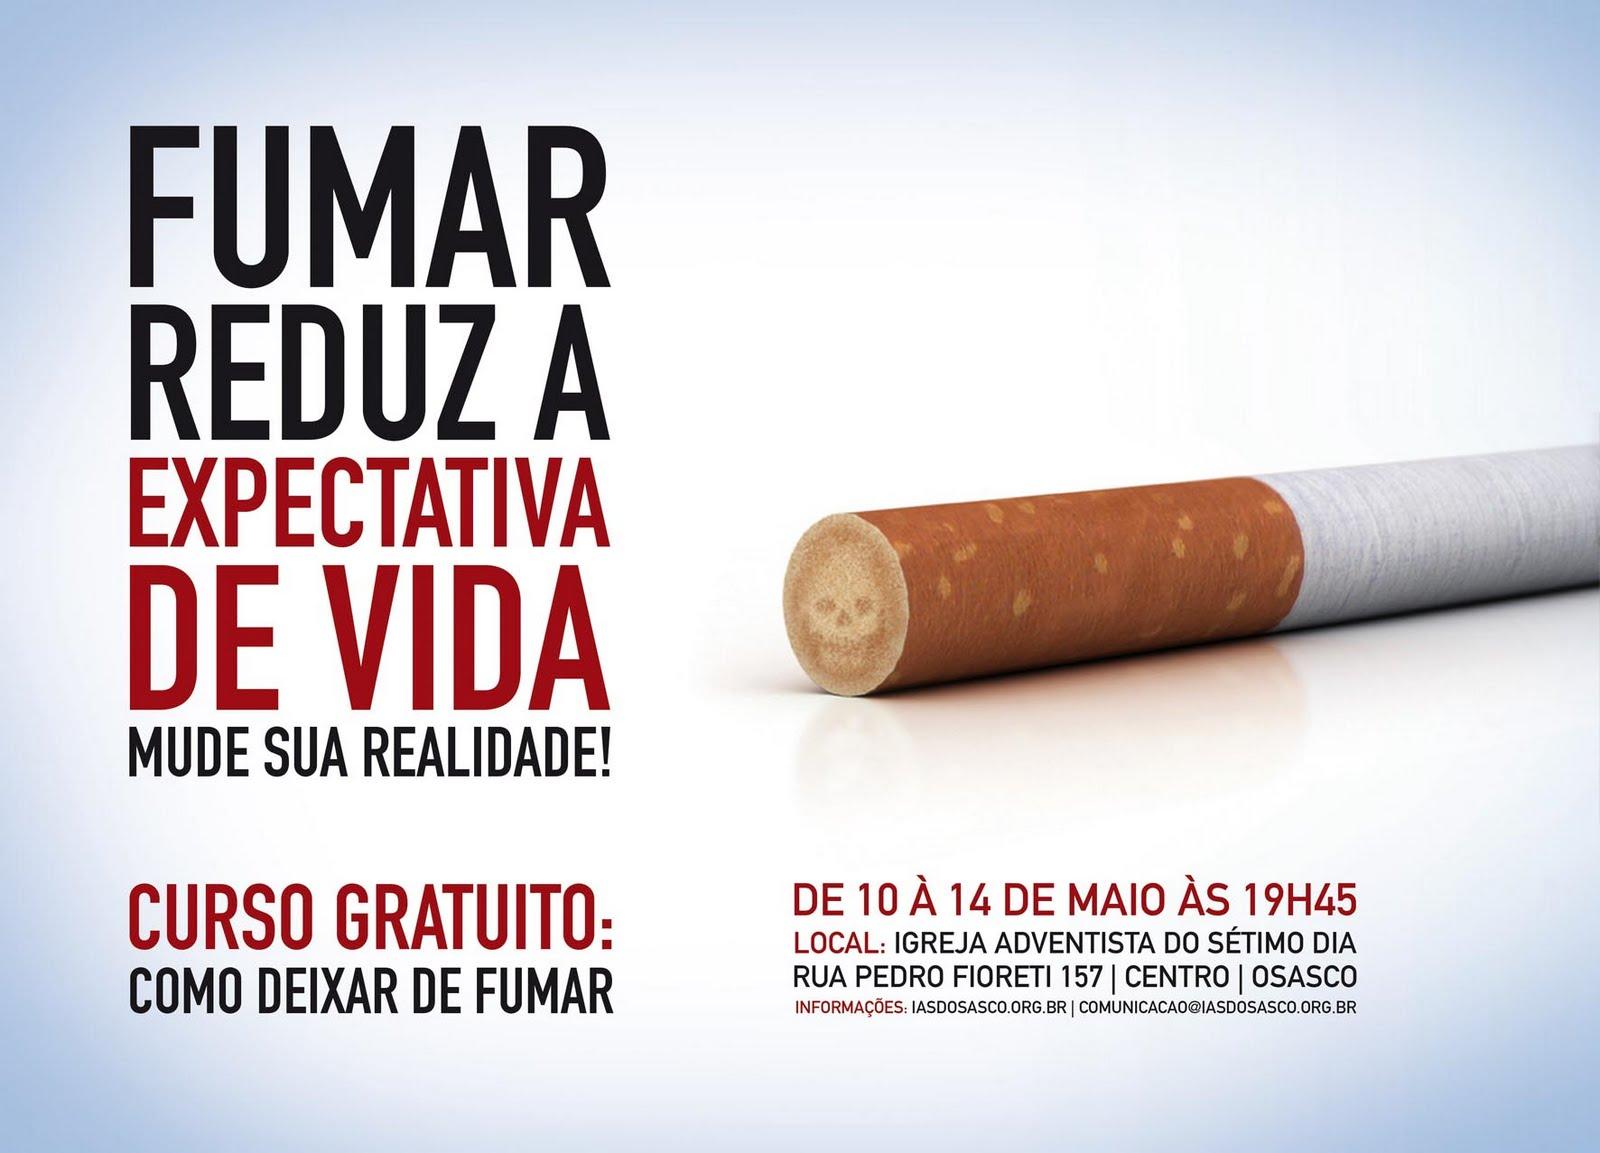 Dor de fígado fumante deixada